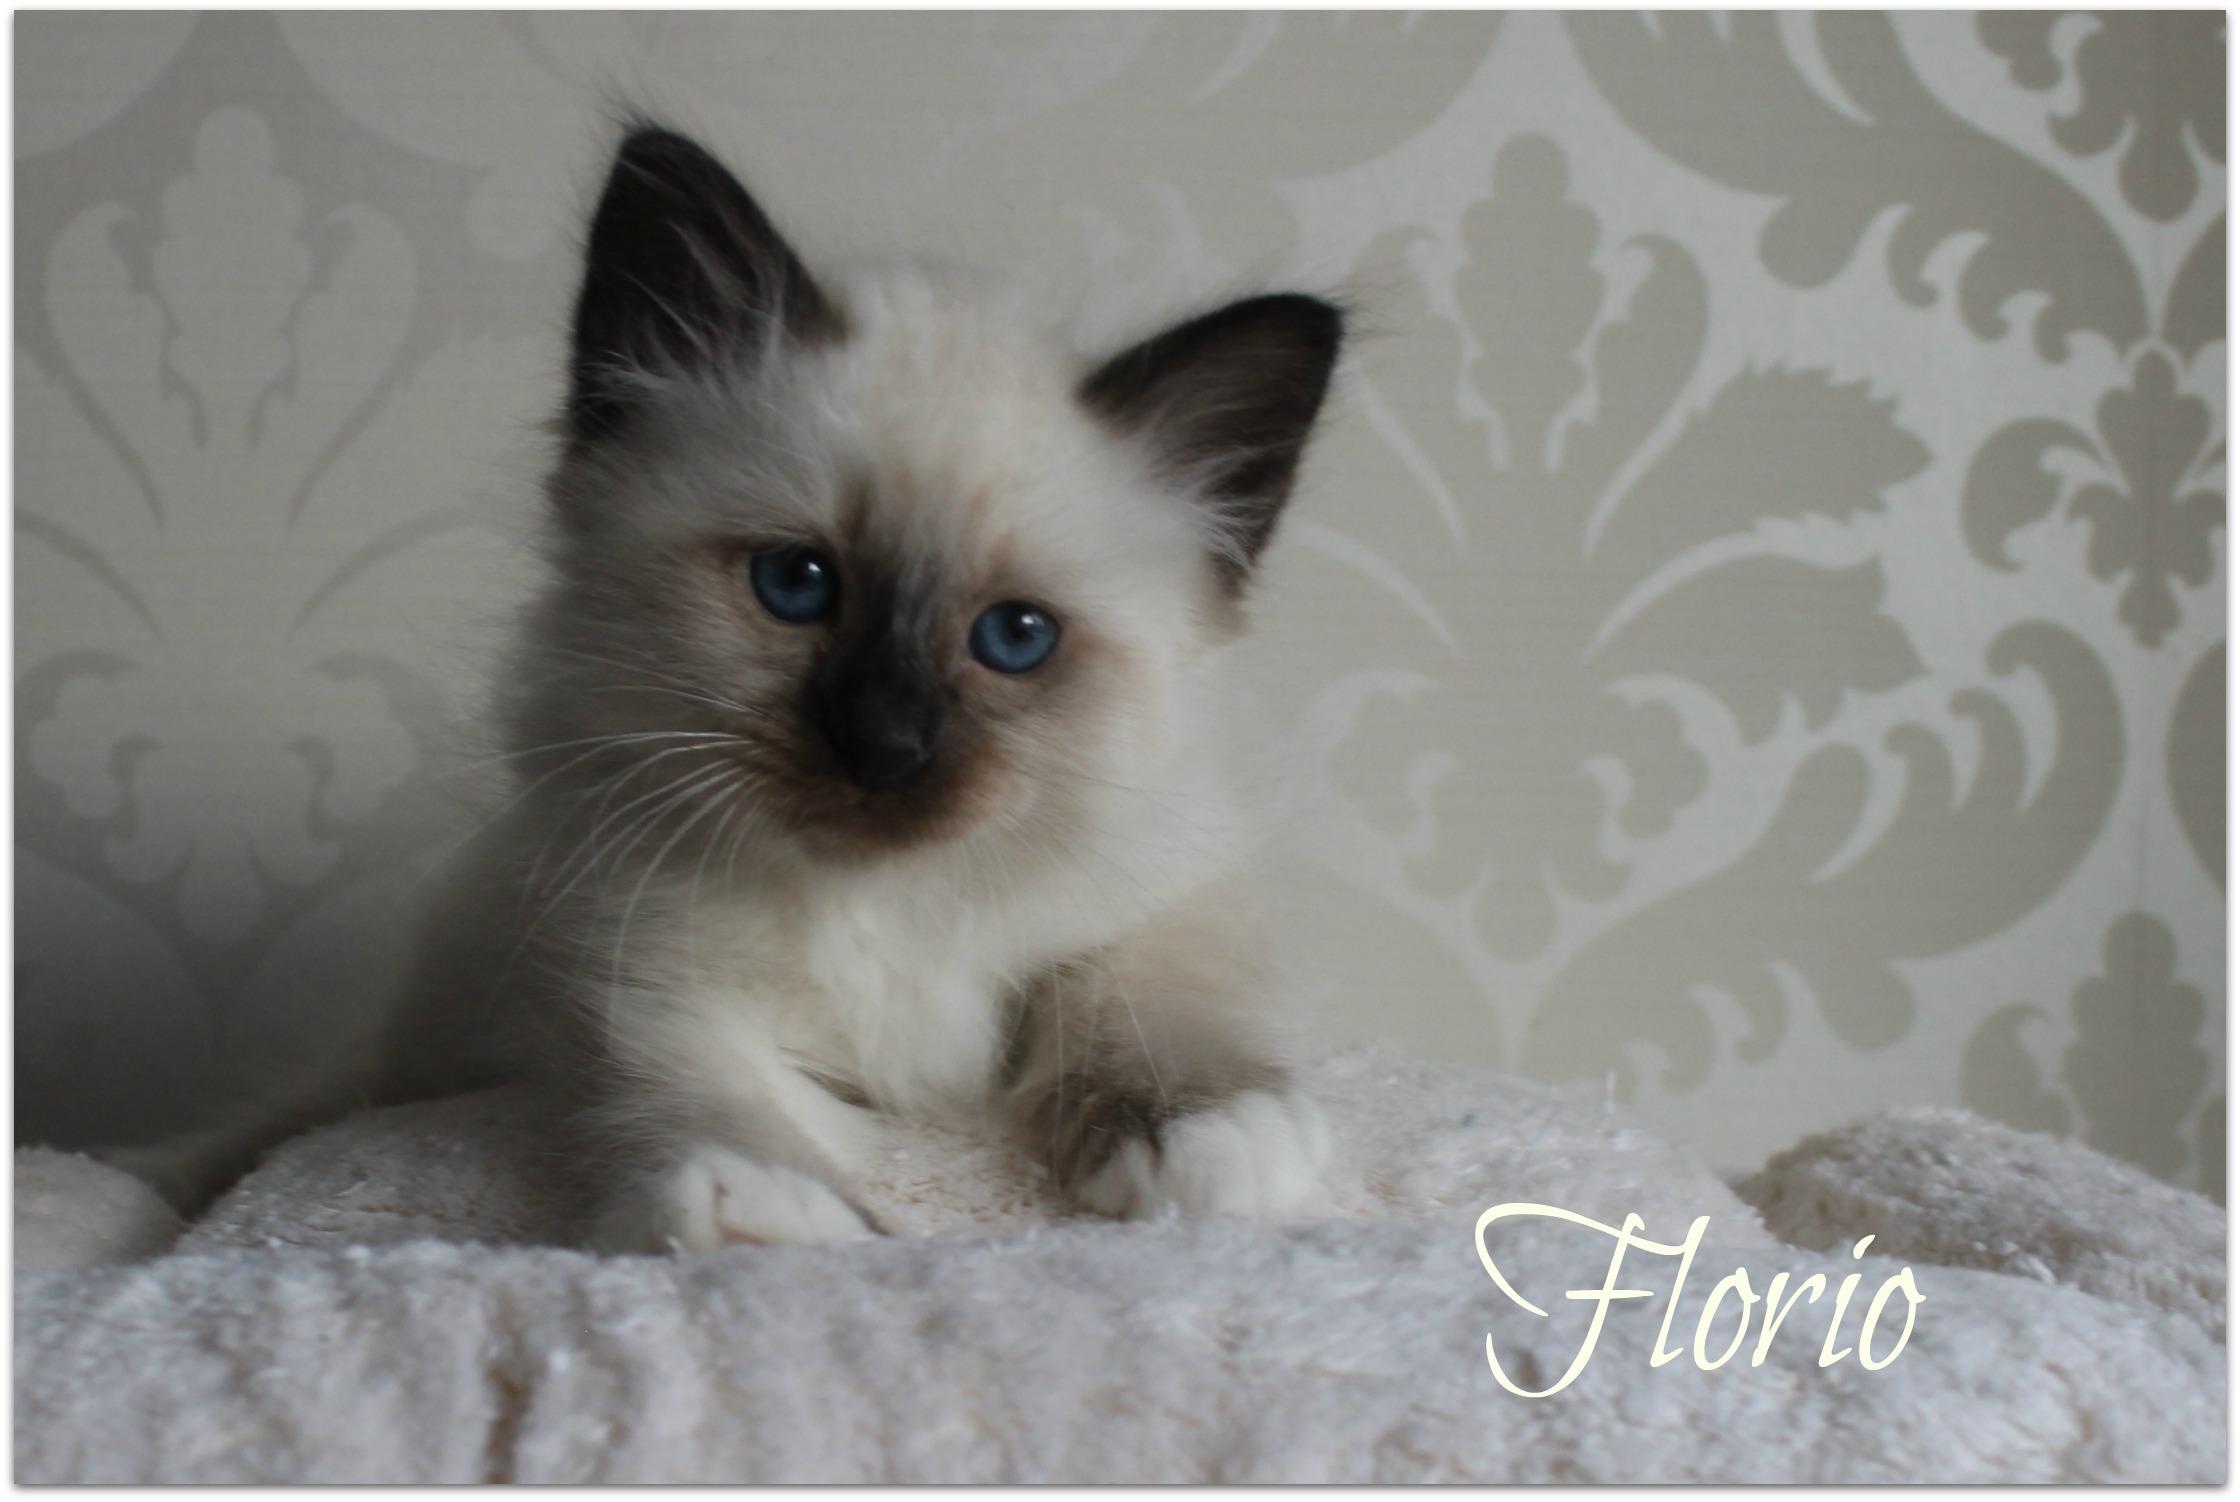 florio1